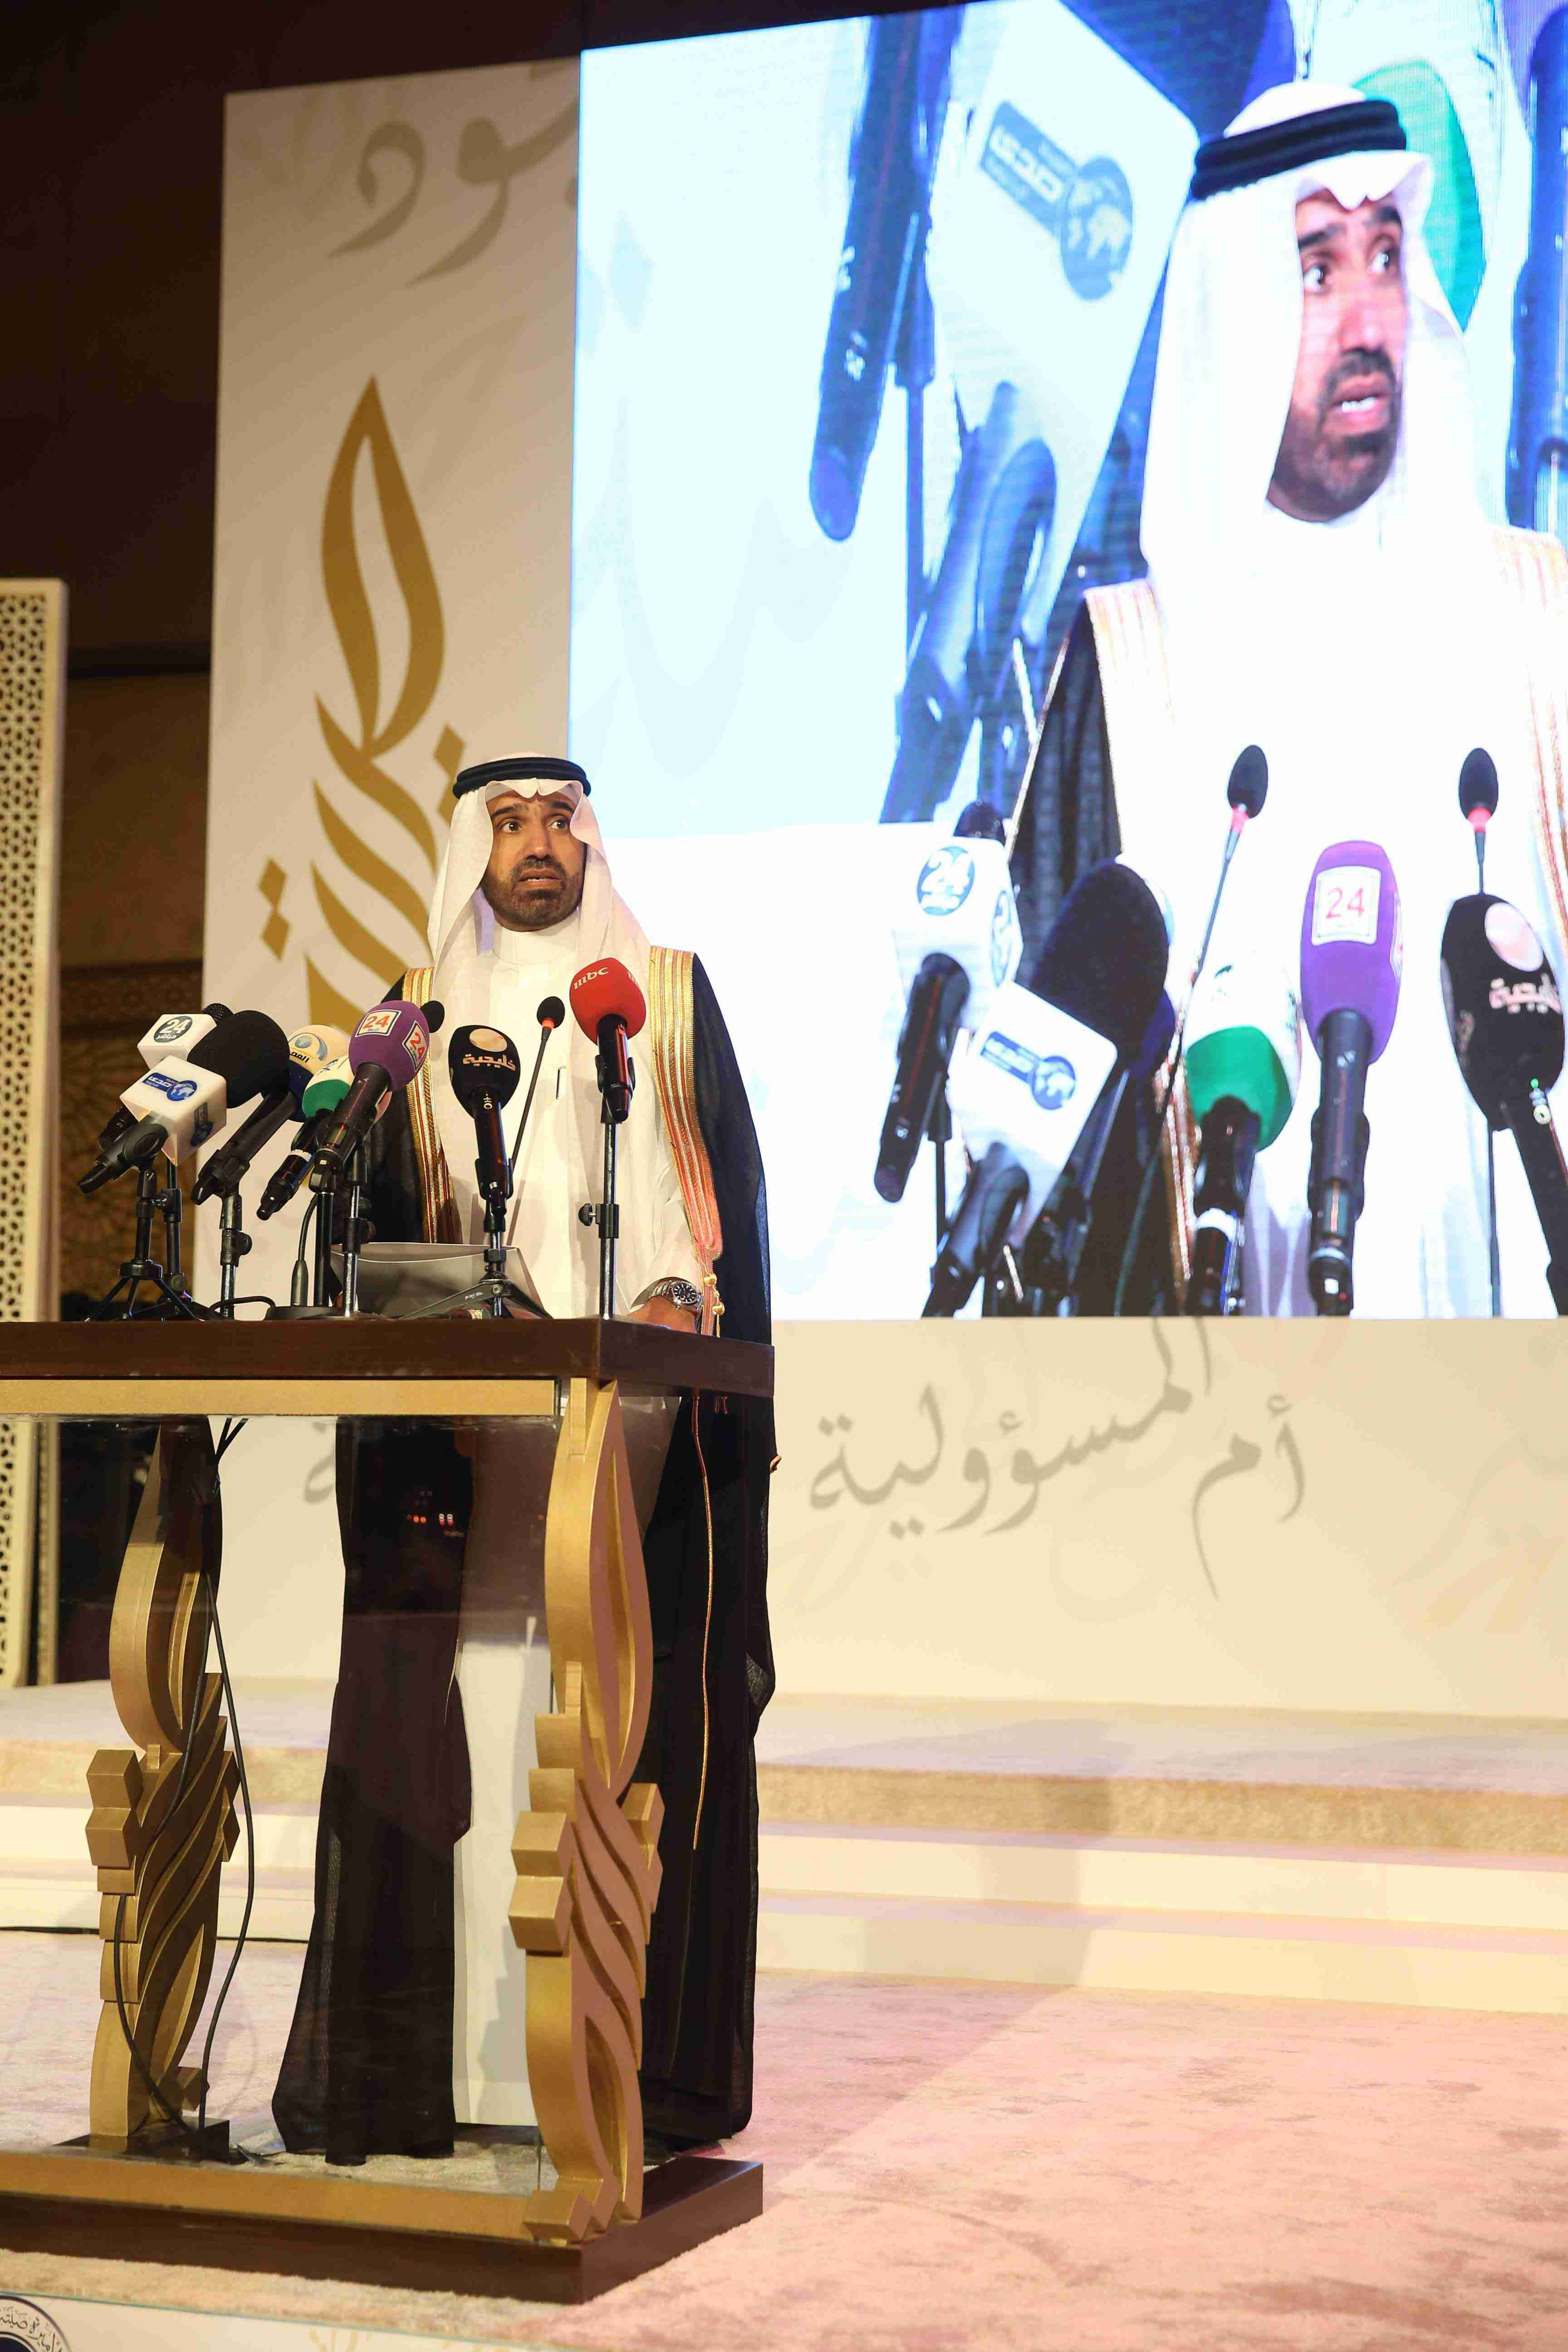 رئيس مجلس الأمناء معالي المهندس / أحمد بن سليمان الراجحي